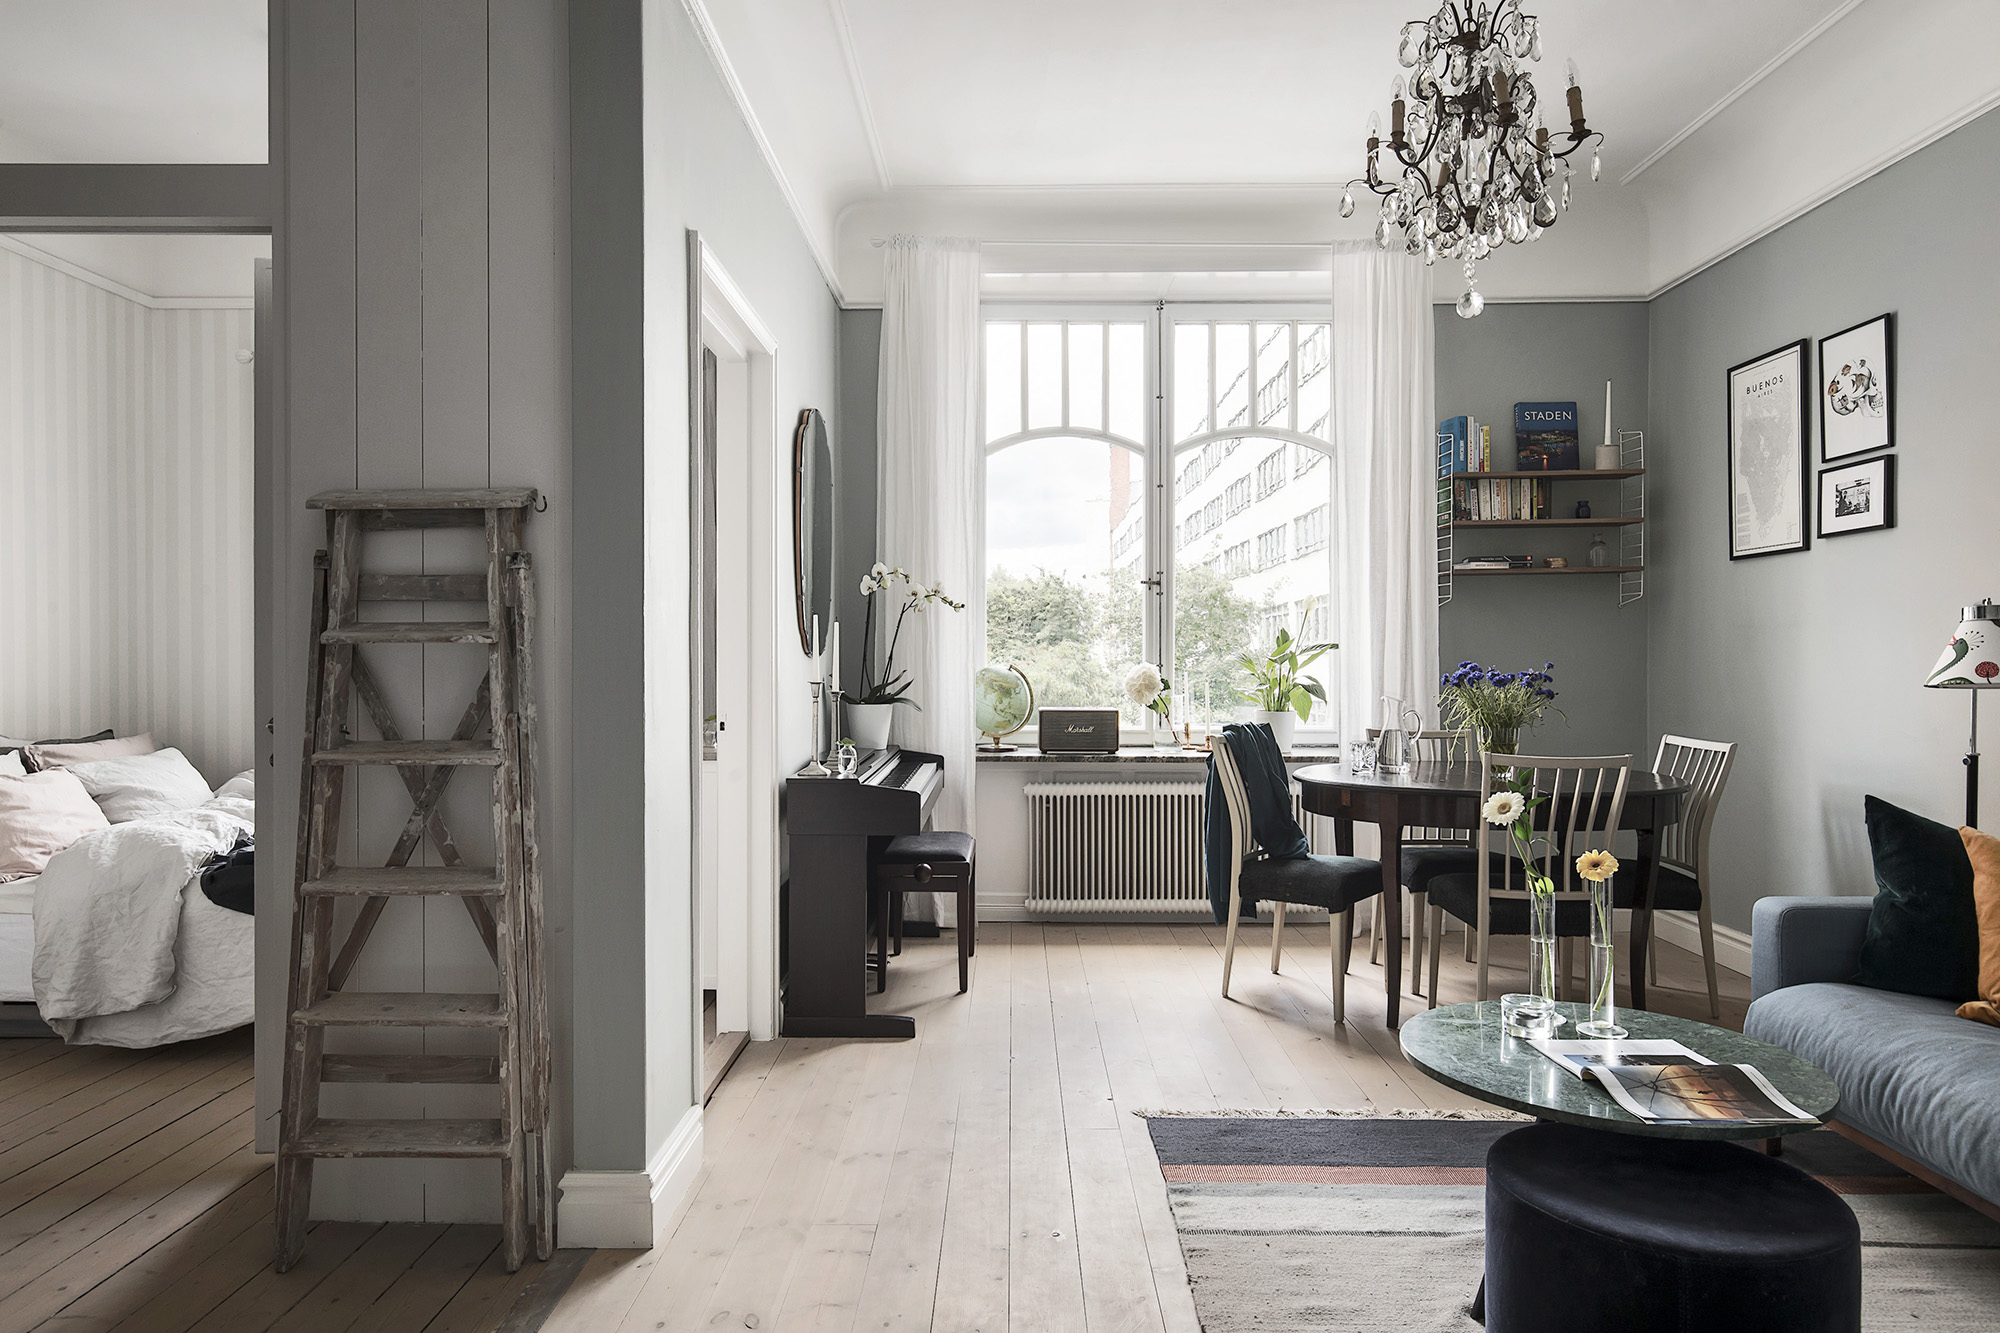 гостиная кухня лесенка обеденный стол стулья люстра  пианино окно